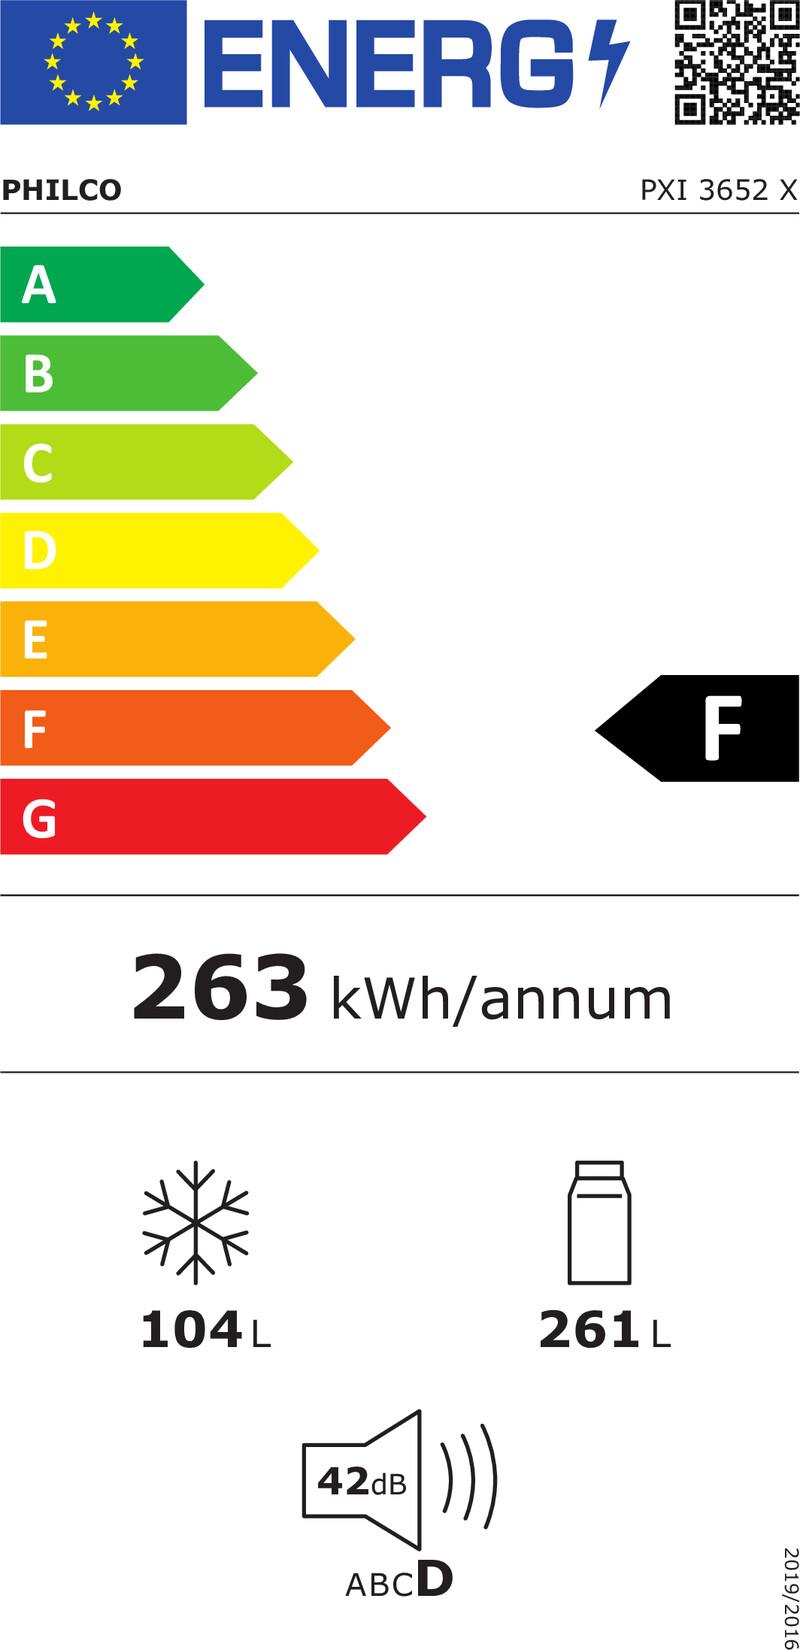 Energetický štítek Philco PXI 3652 X SBS